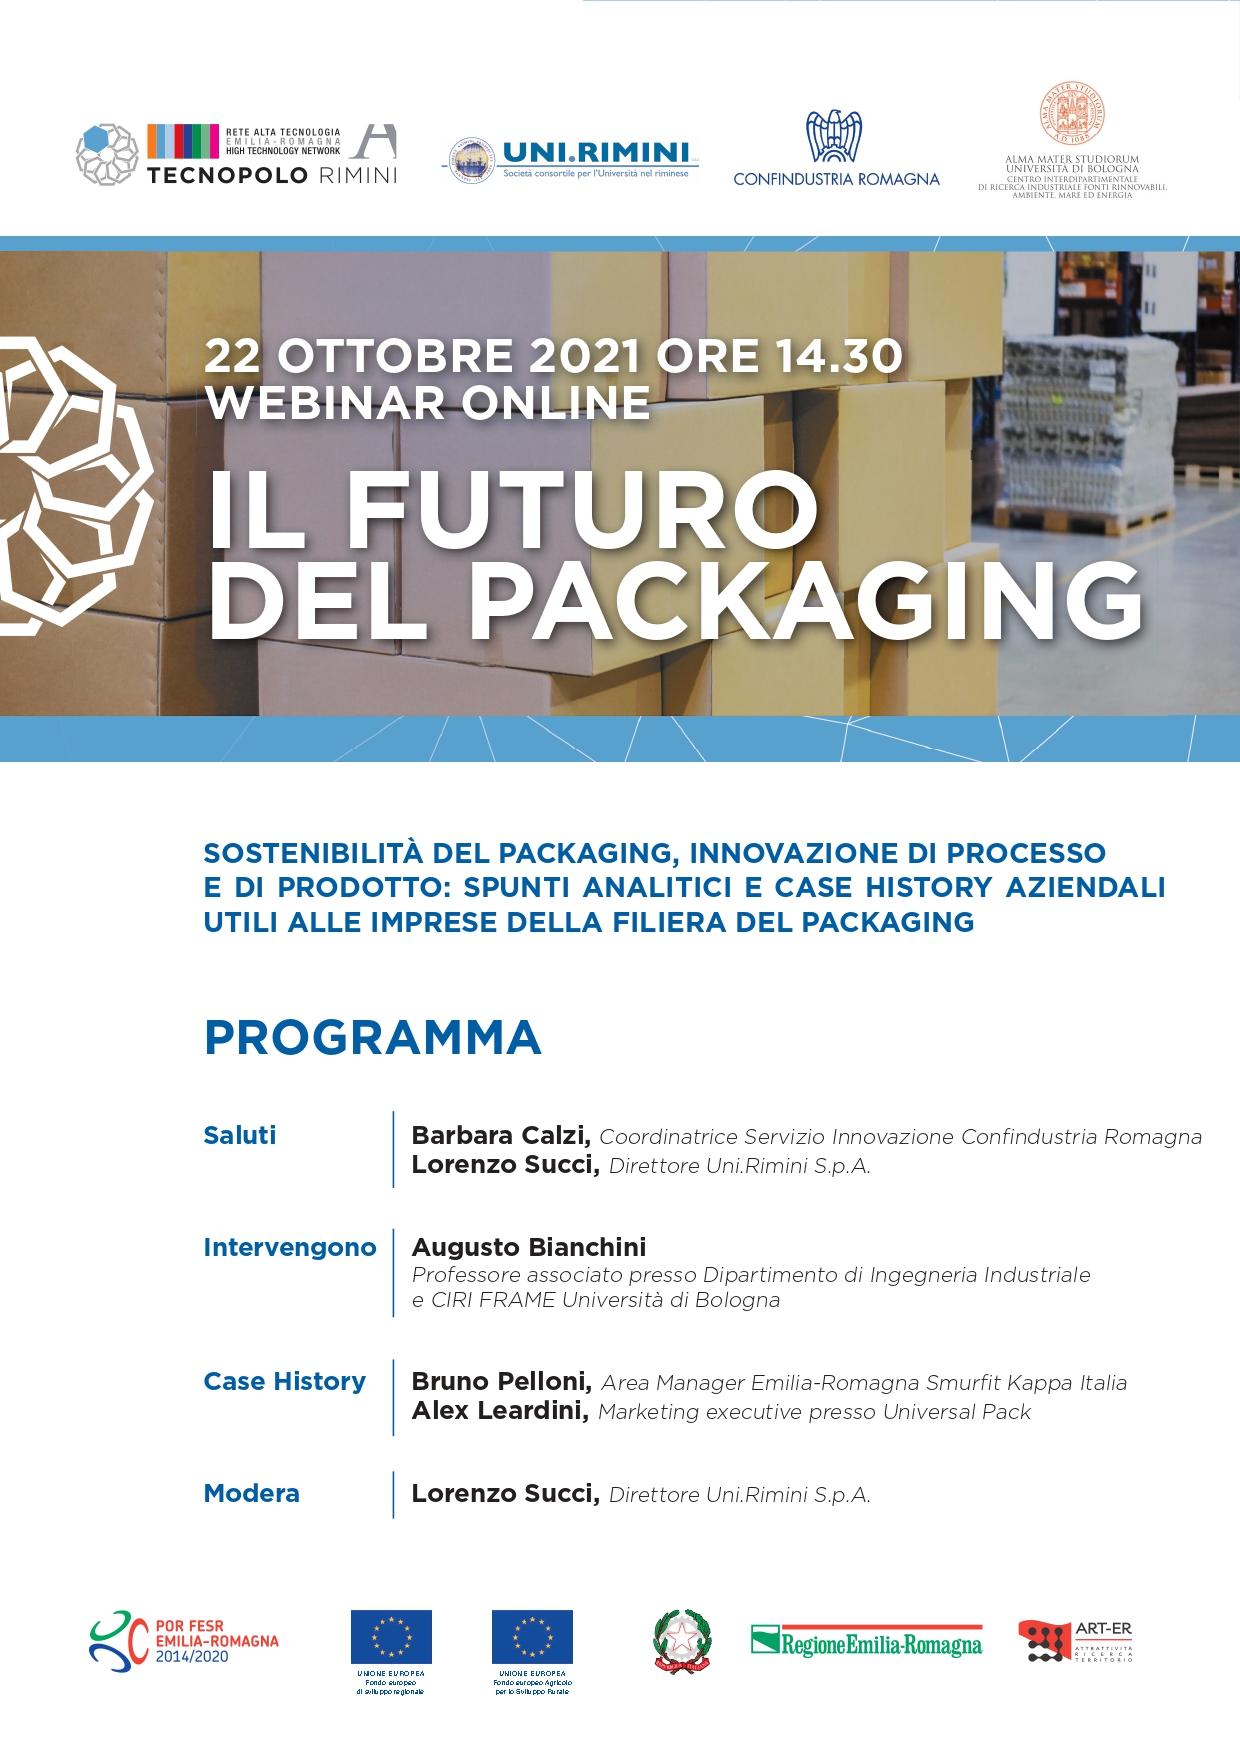 unirimini it 3-it-320208-22-ottobre-ore-14-30-webinar-il-futuro-del-packaging 001